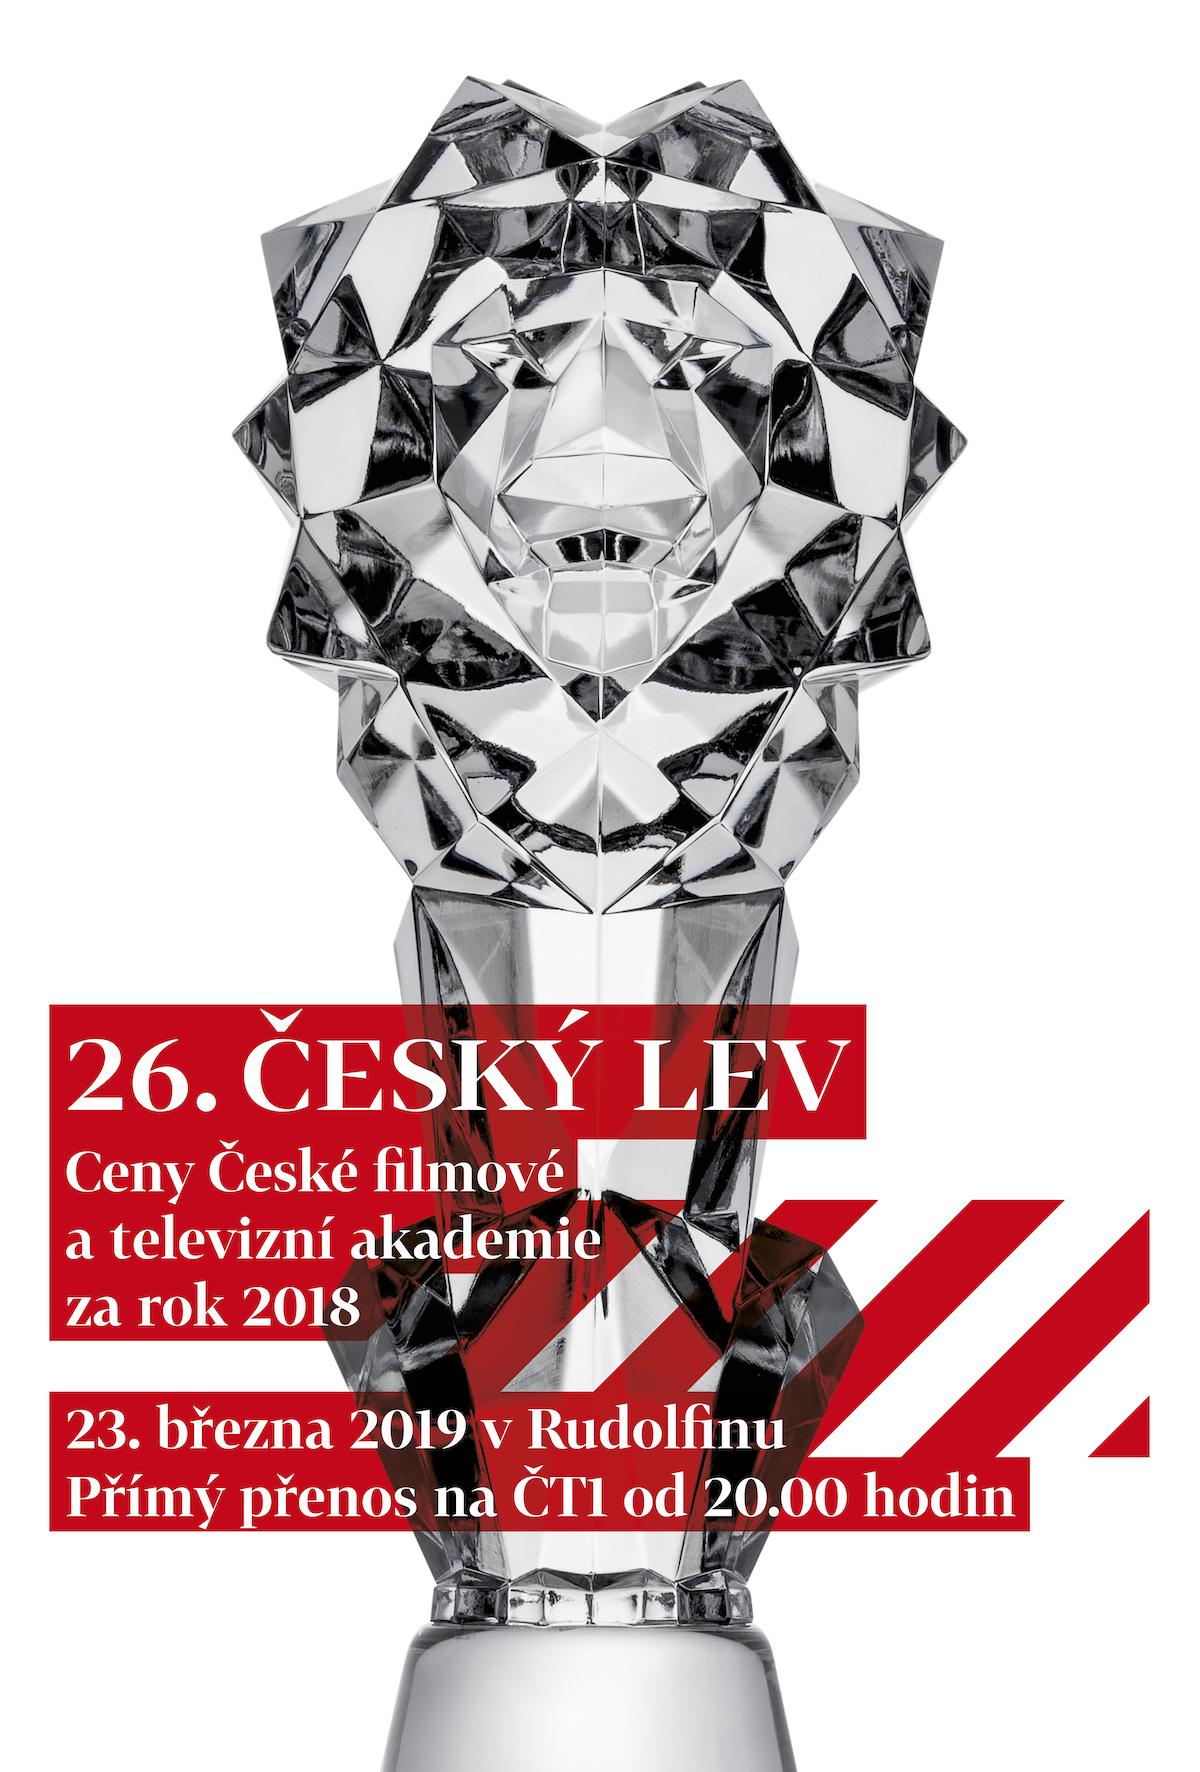 Český lev 26 (Dynamo Design)